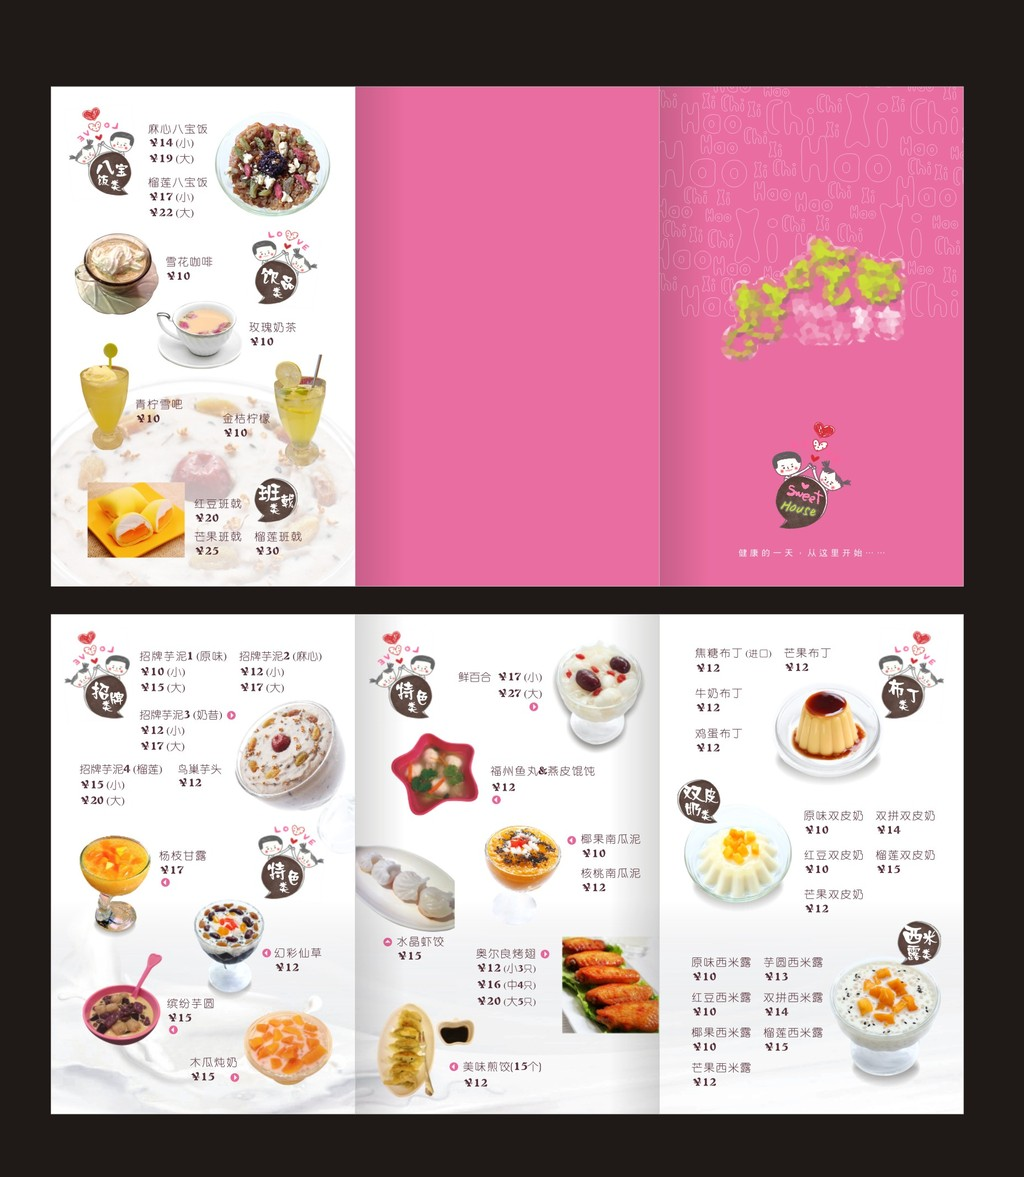 甜品甜点模板下载 甜品甜点图片下载